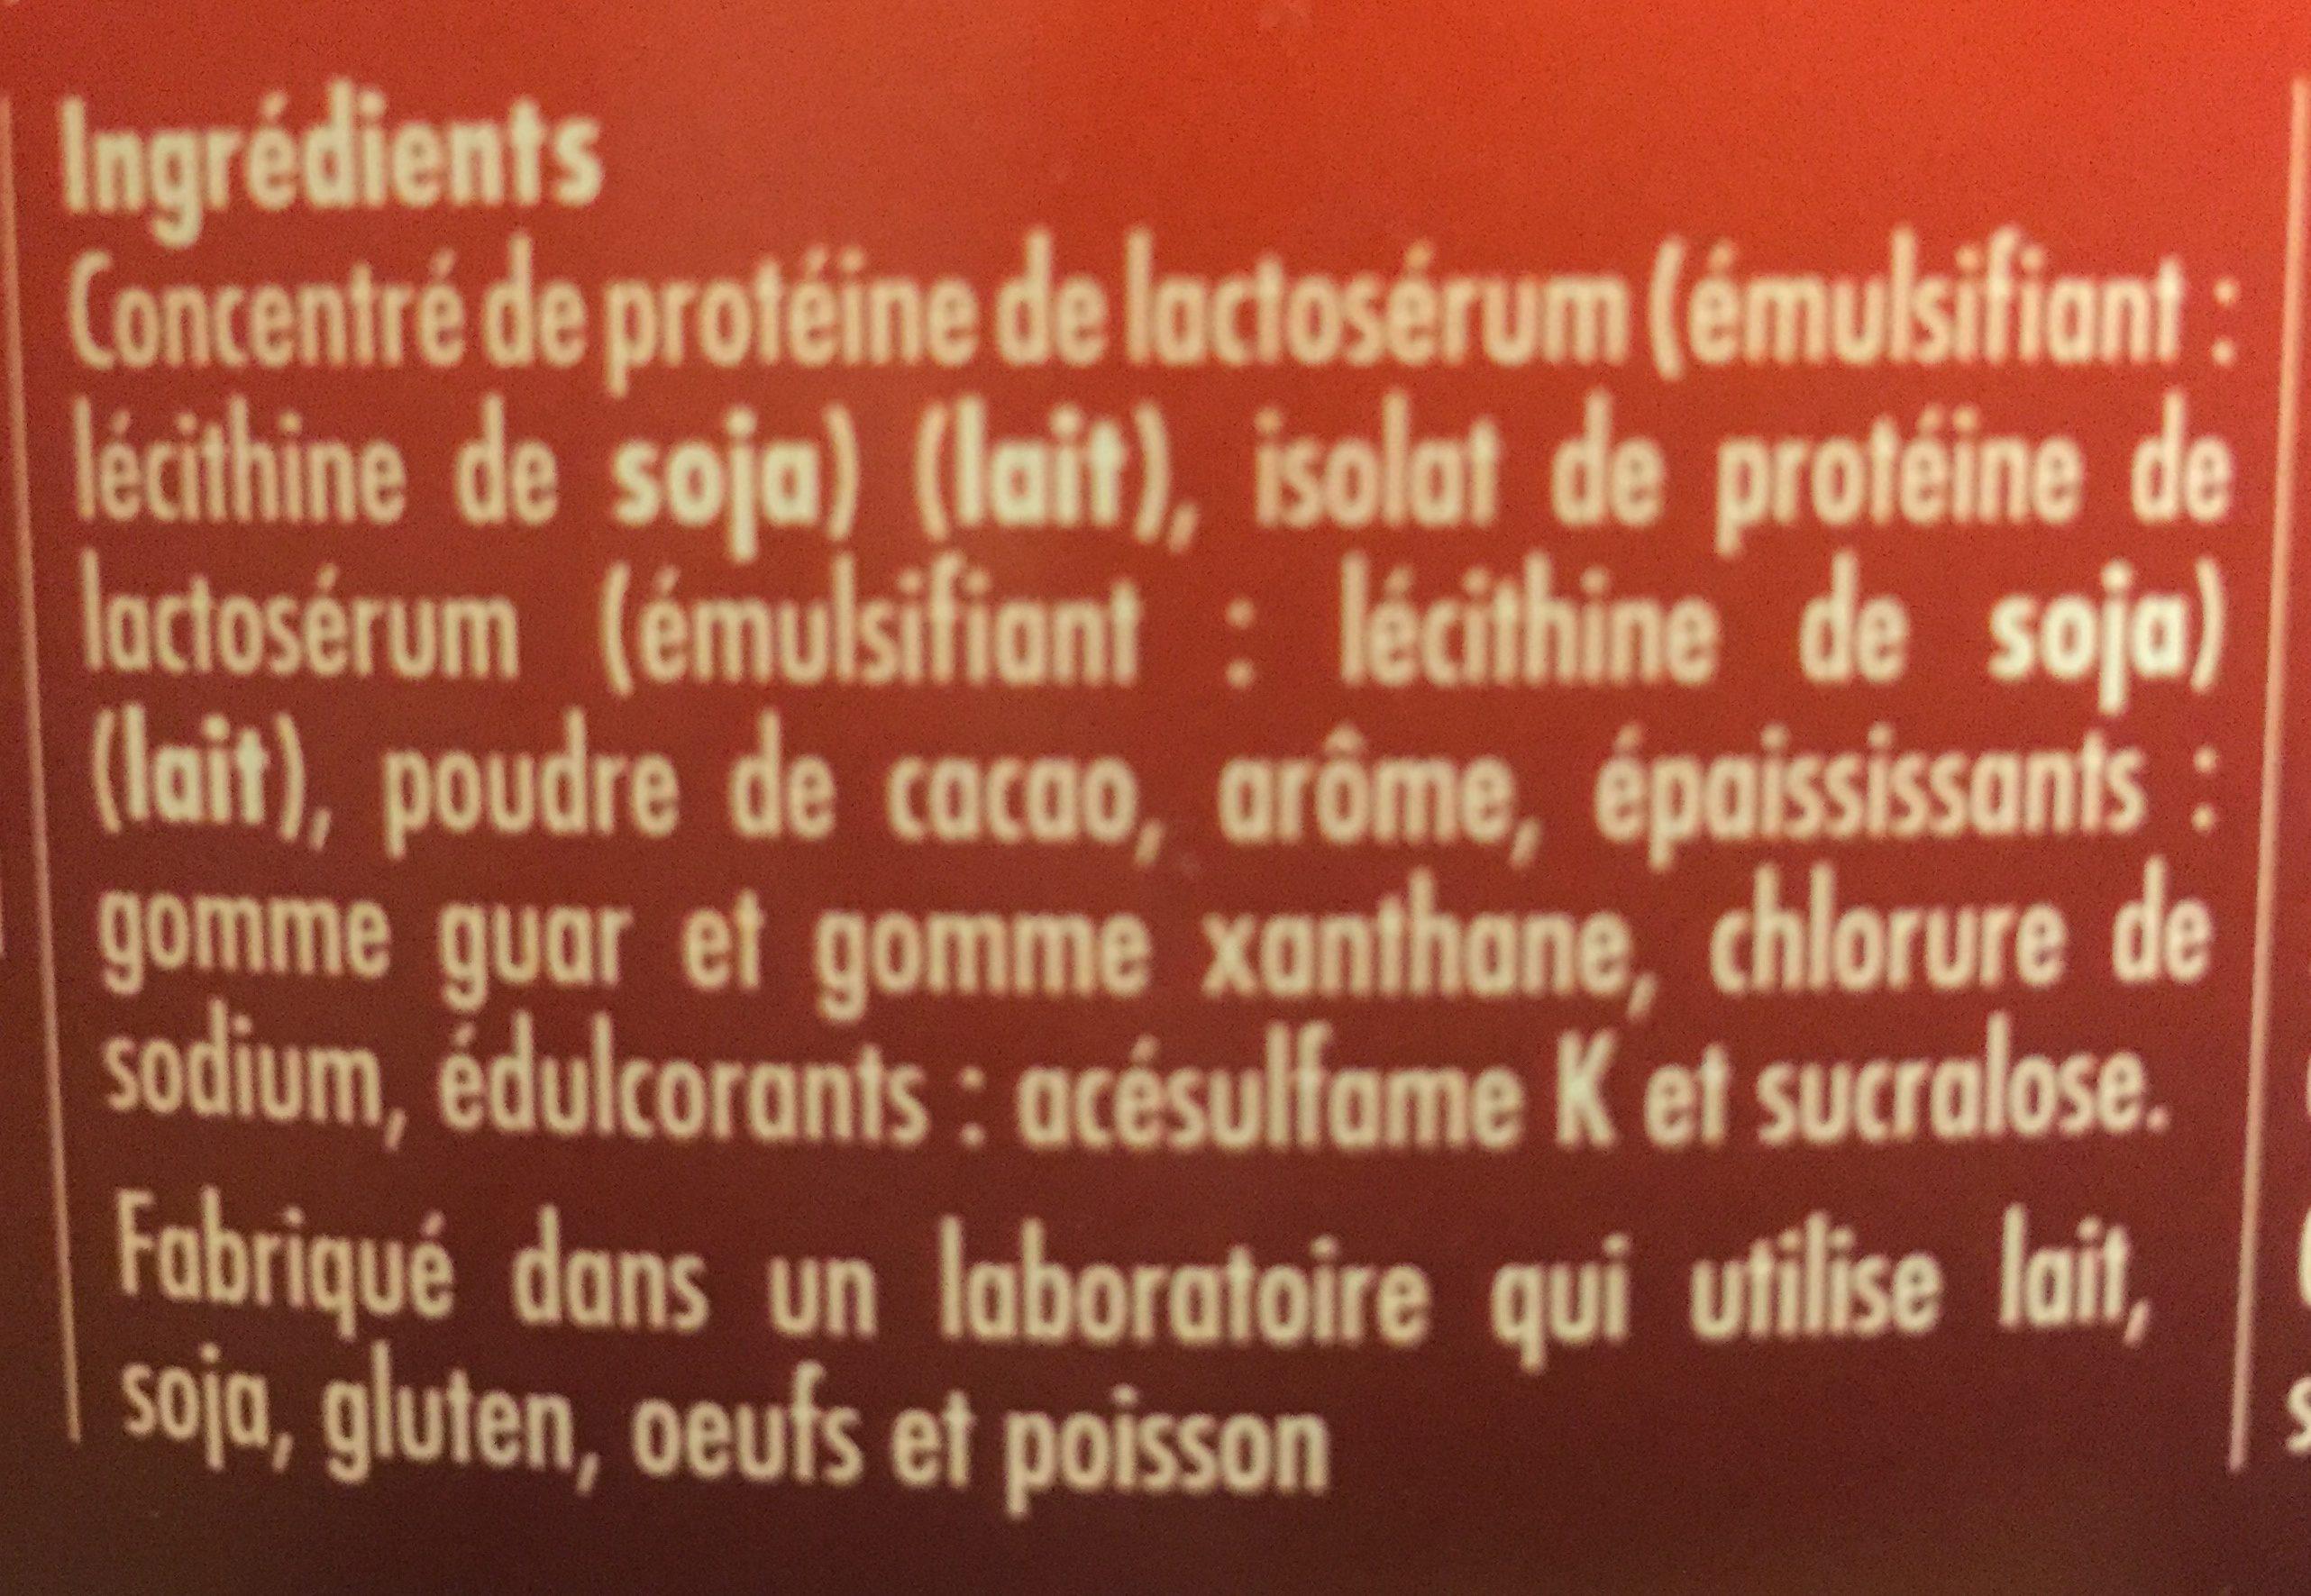 WHEYULTRA - Ingrédients - fr